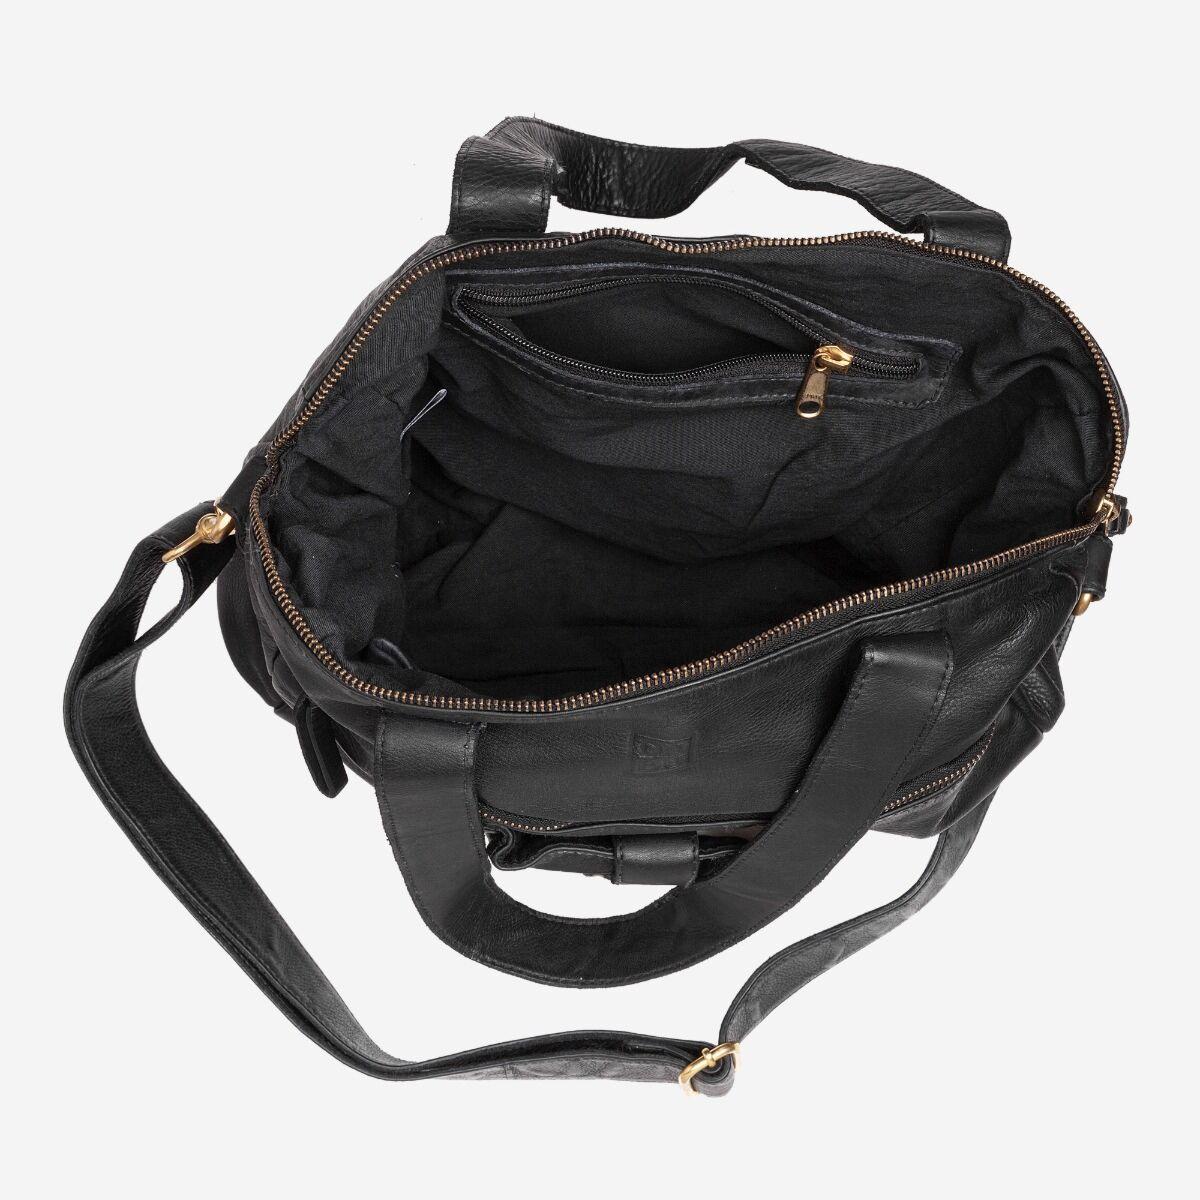 Grand sac bandoulière vintage en cuir avec clous